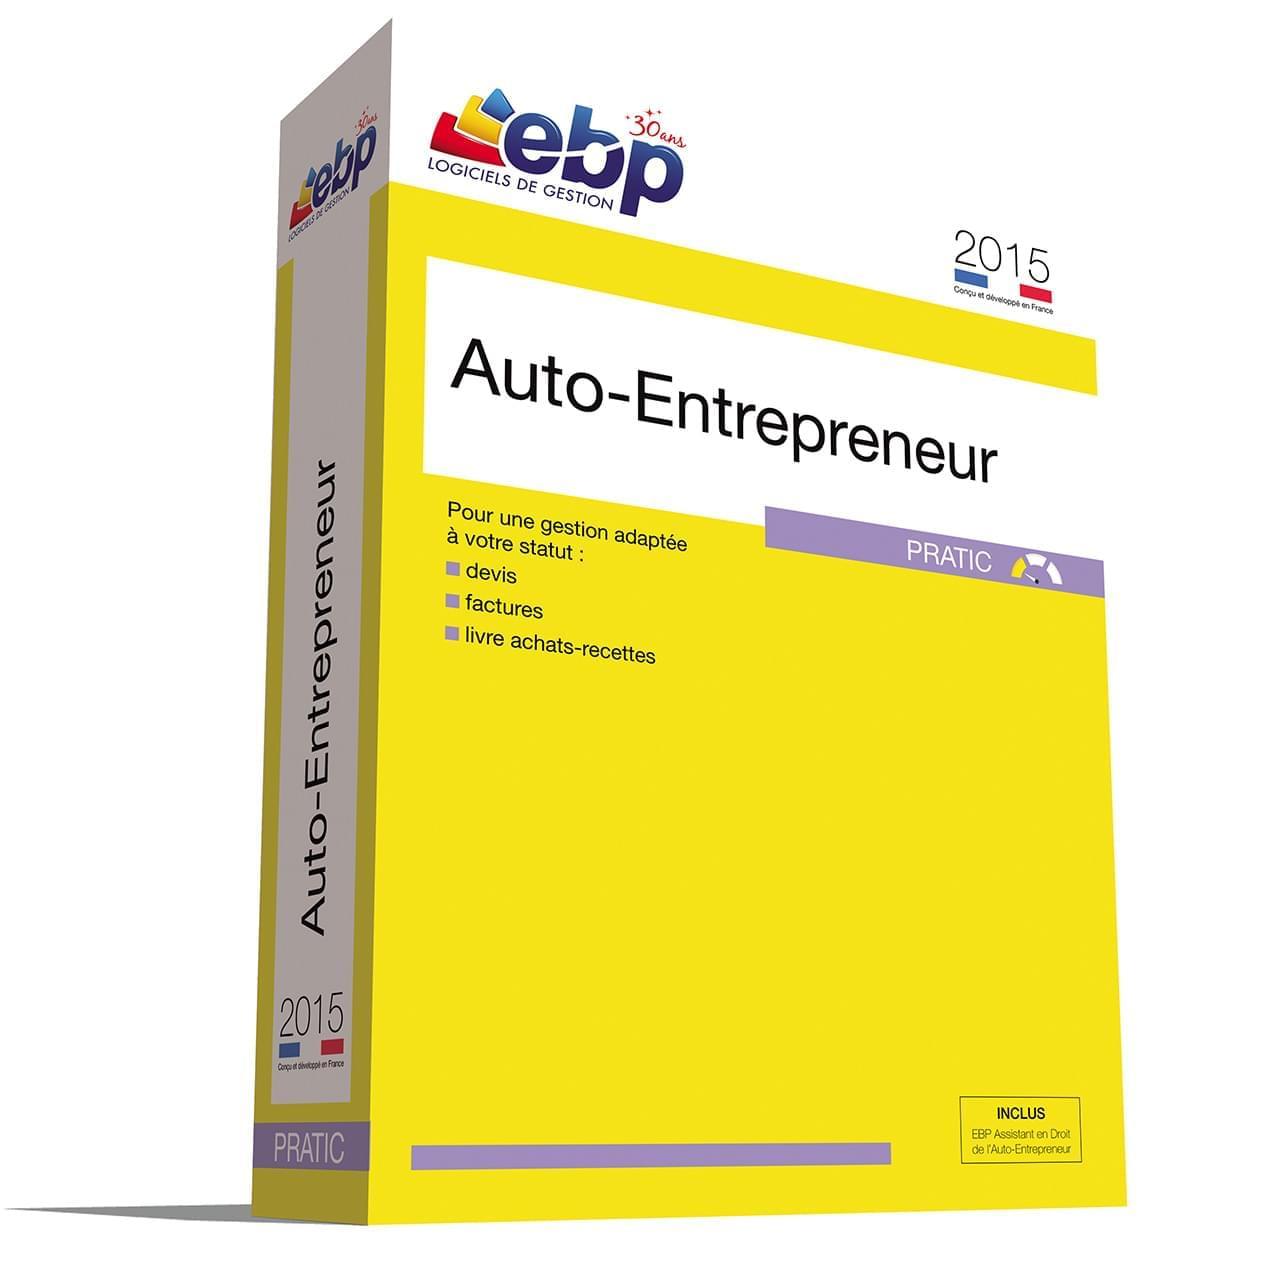 EBP Auto-Entrepreneur Pratic 2015 - Logiciel application - 0